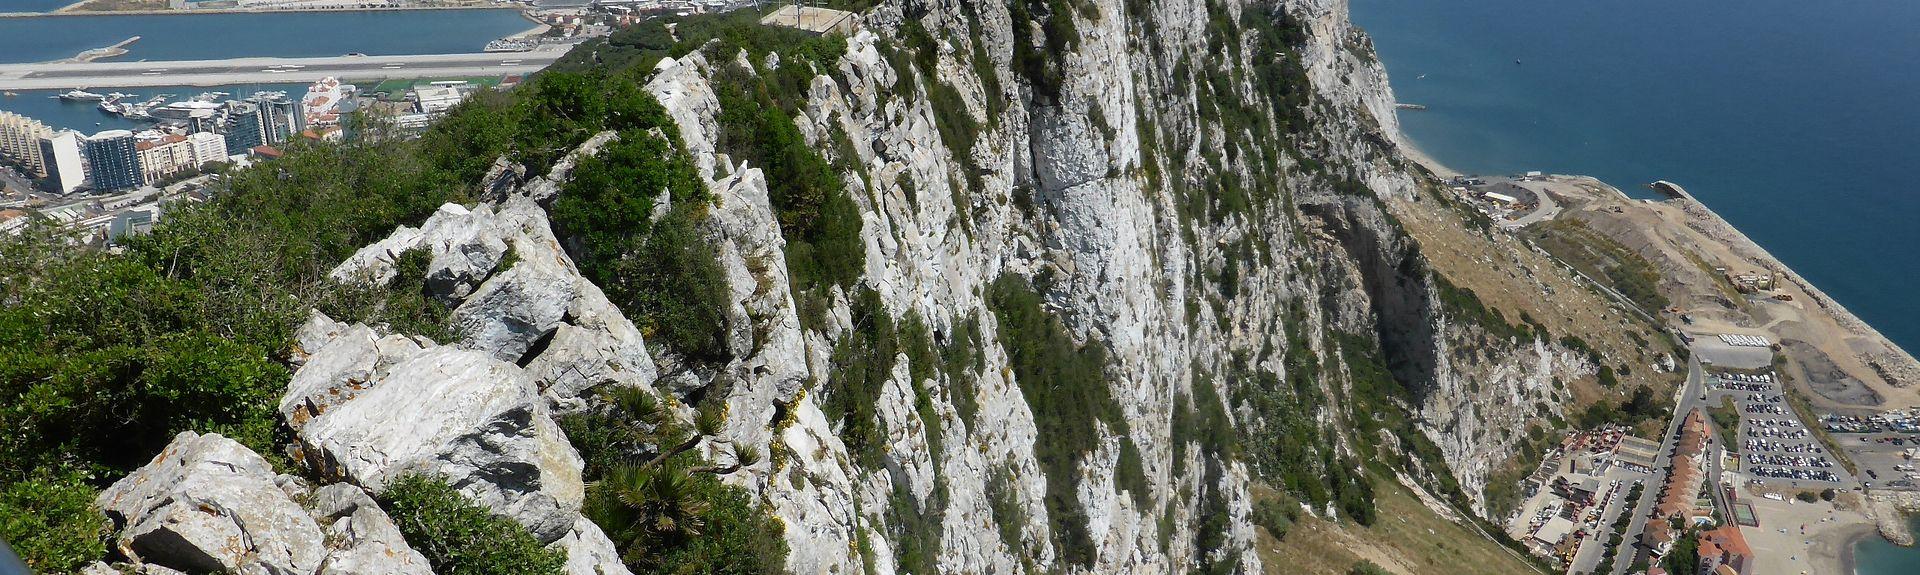 Alhaurín el Grande (Alhaurín el Grande, Andalusia, Espanja)